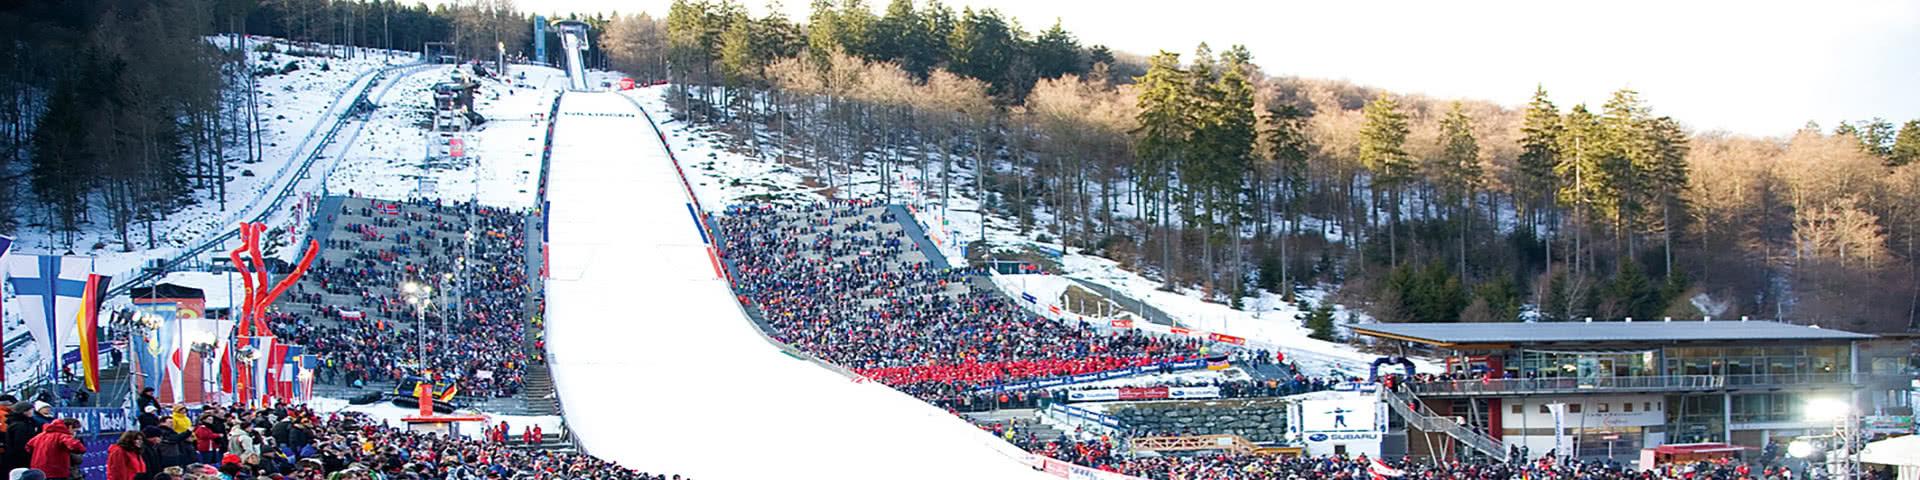 Skisprungschanze in Willingen mt vielen Zuschauern